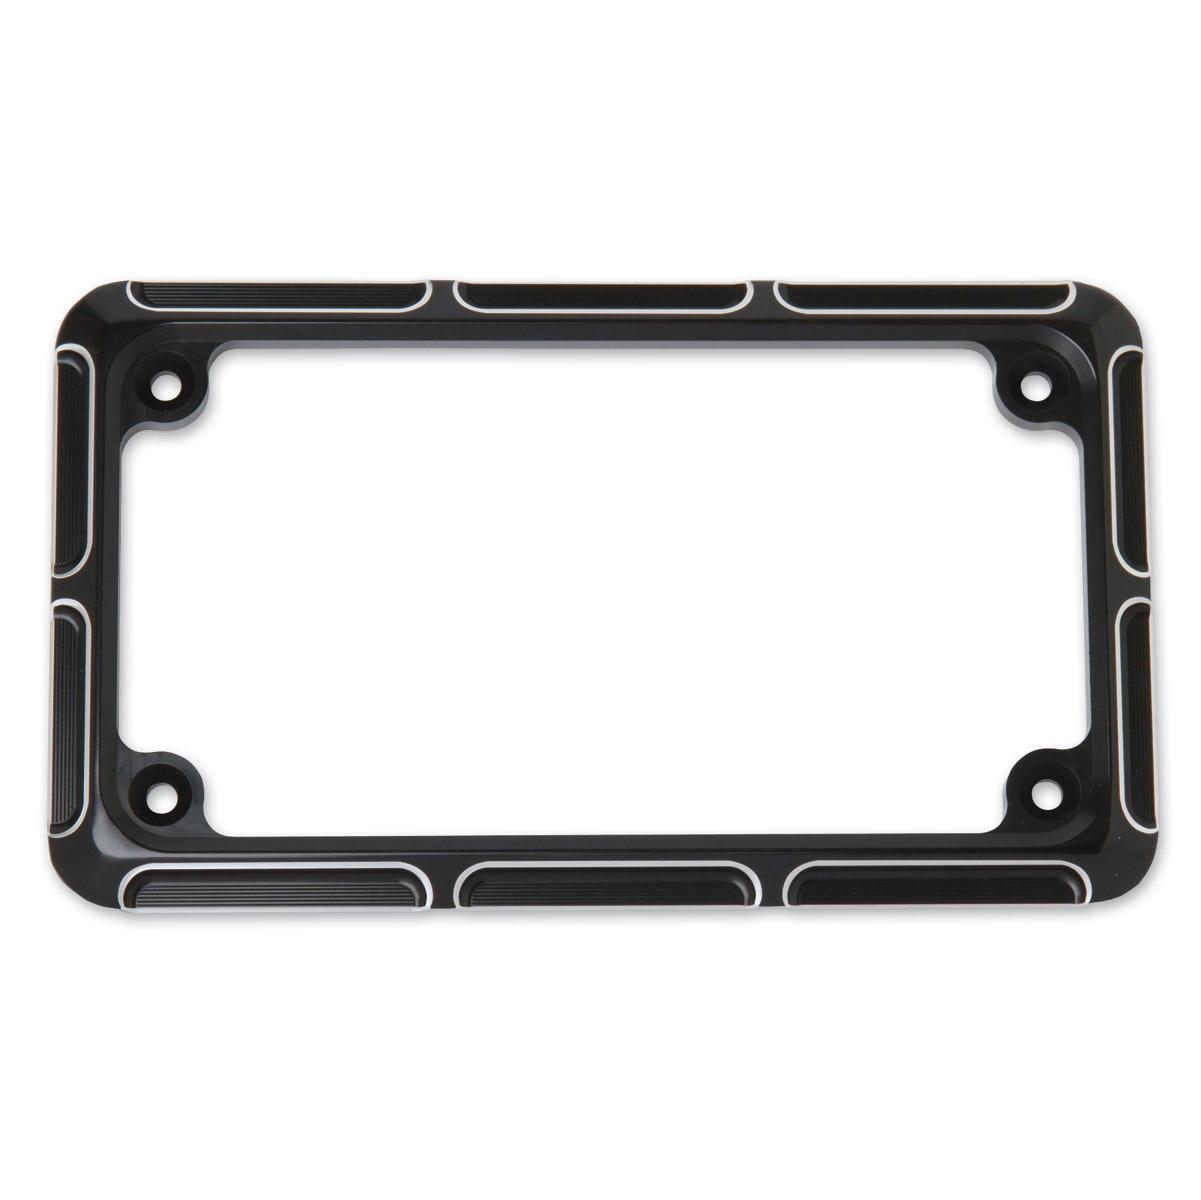 Arlen Ness Beveled Black License Plate Frame